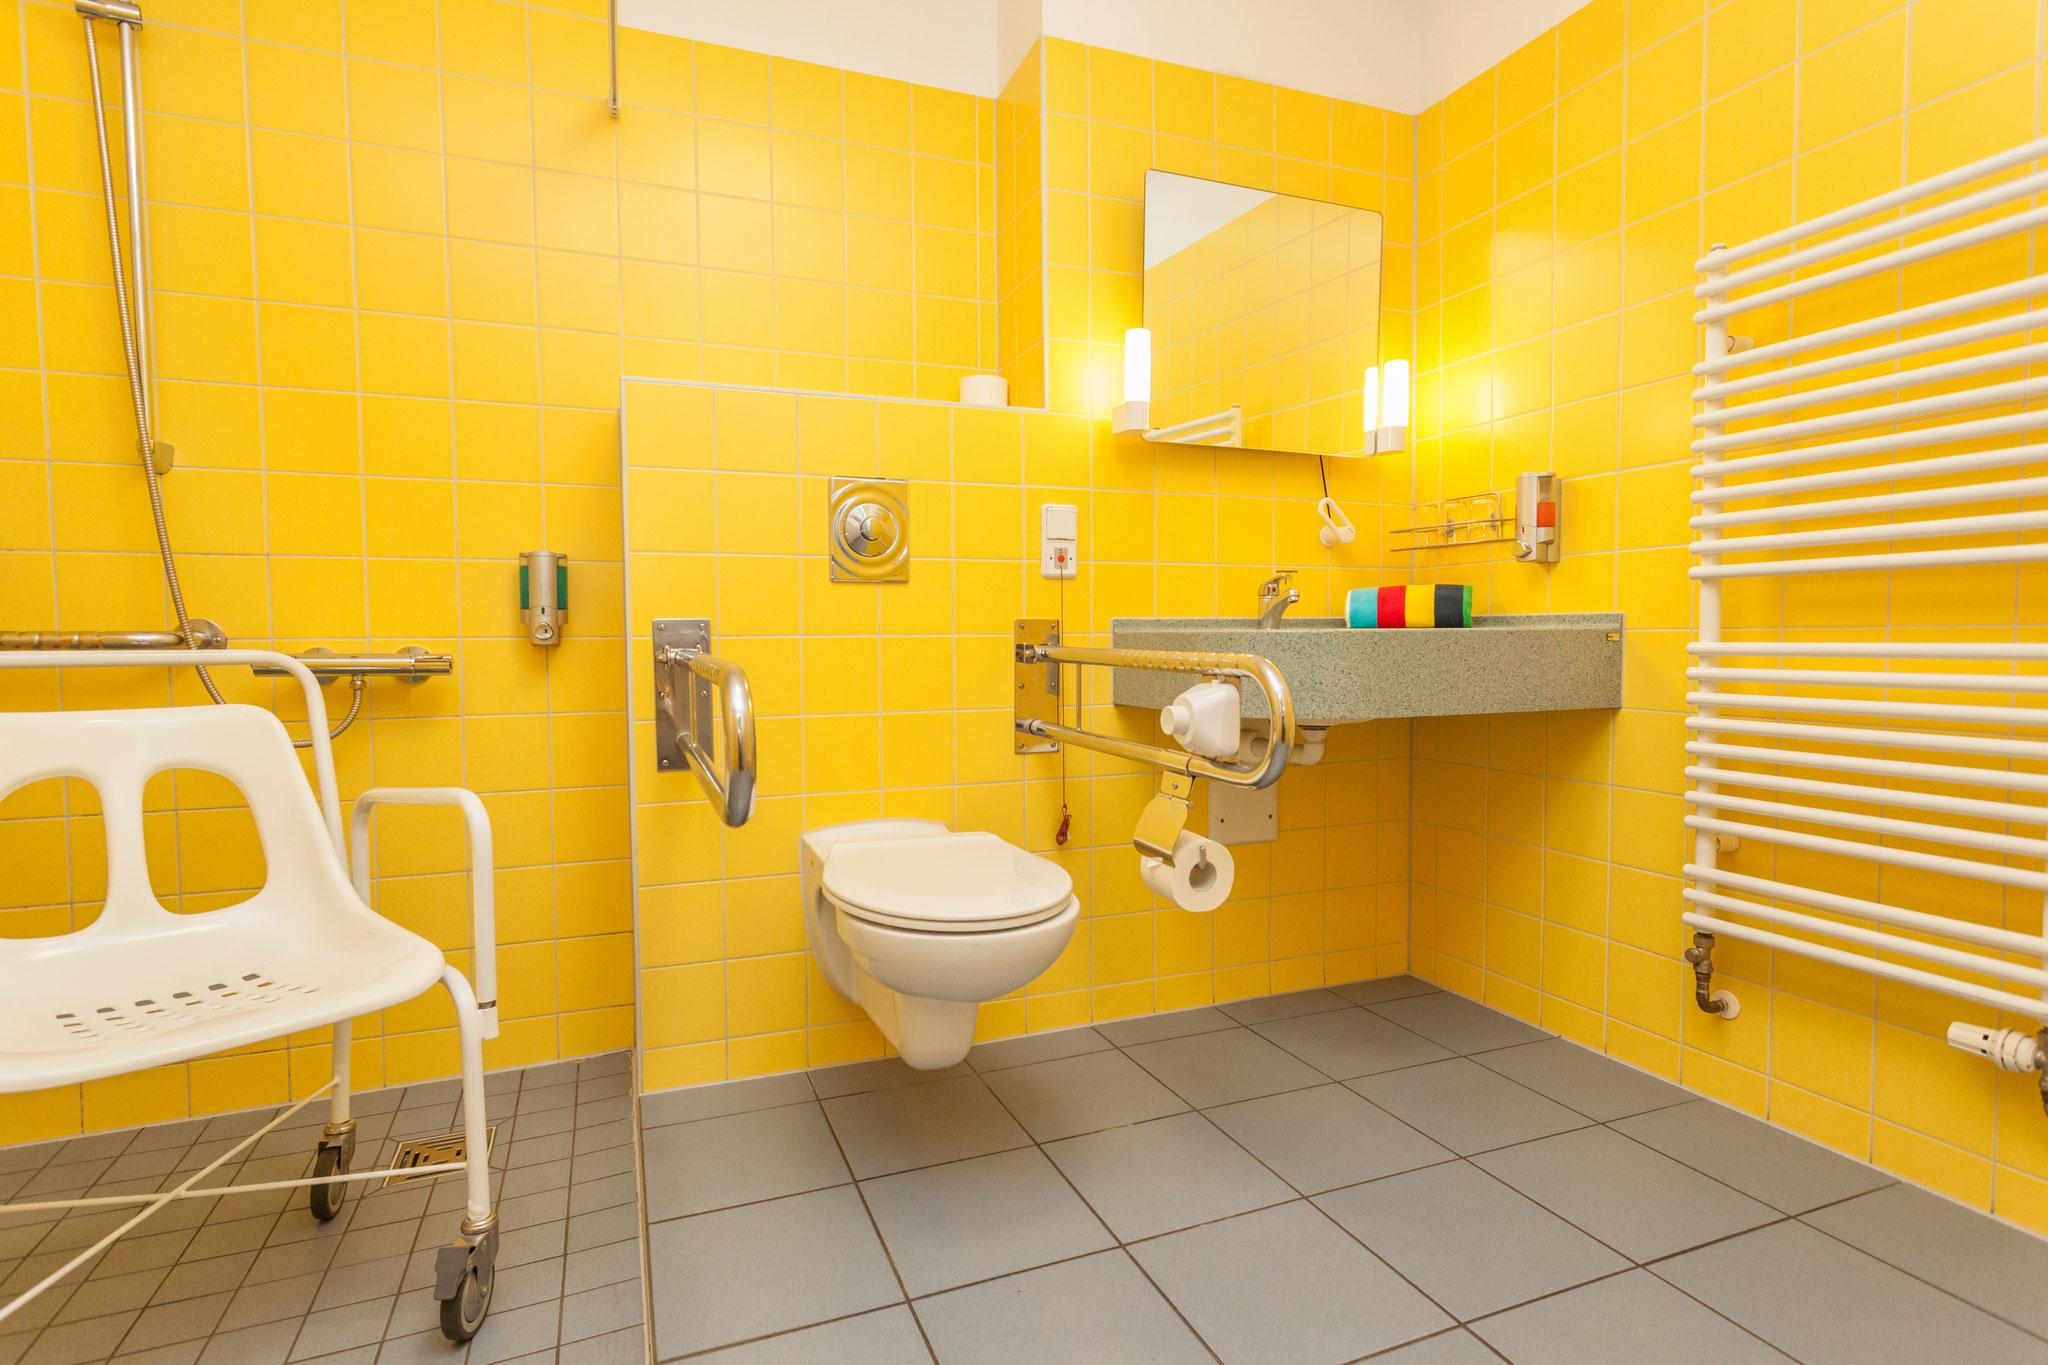 Hotel MIT-Mensch - Wartungs- und Instandhaltung